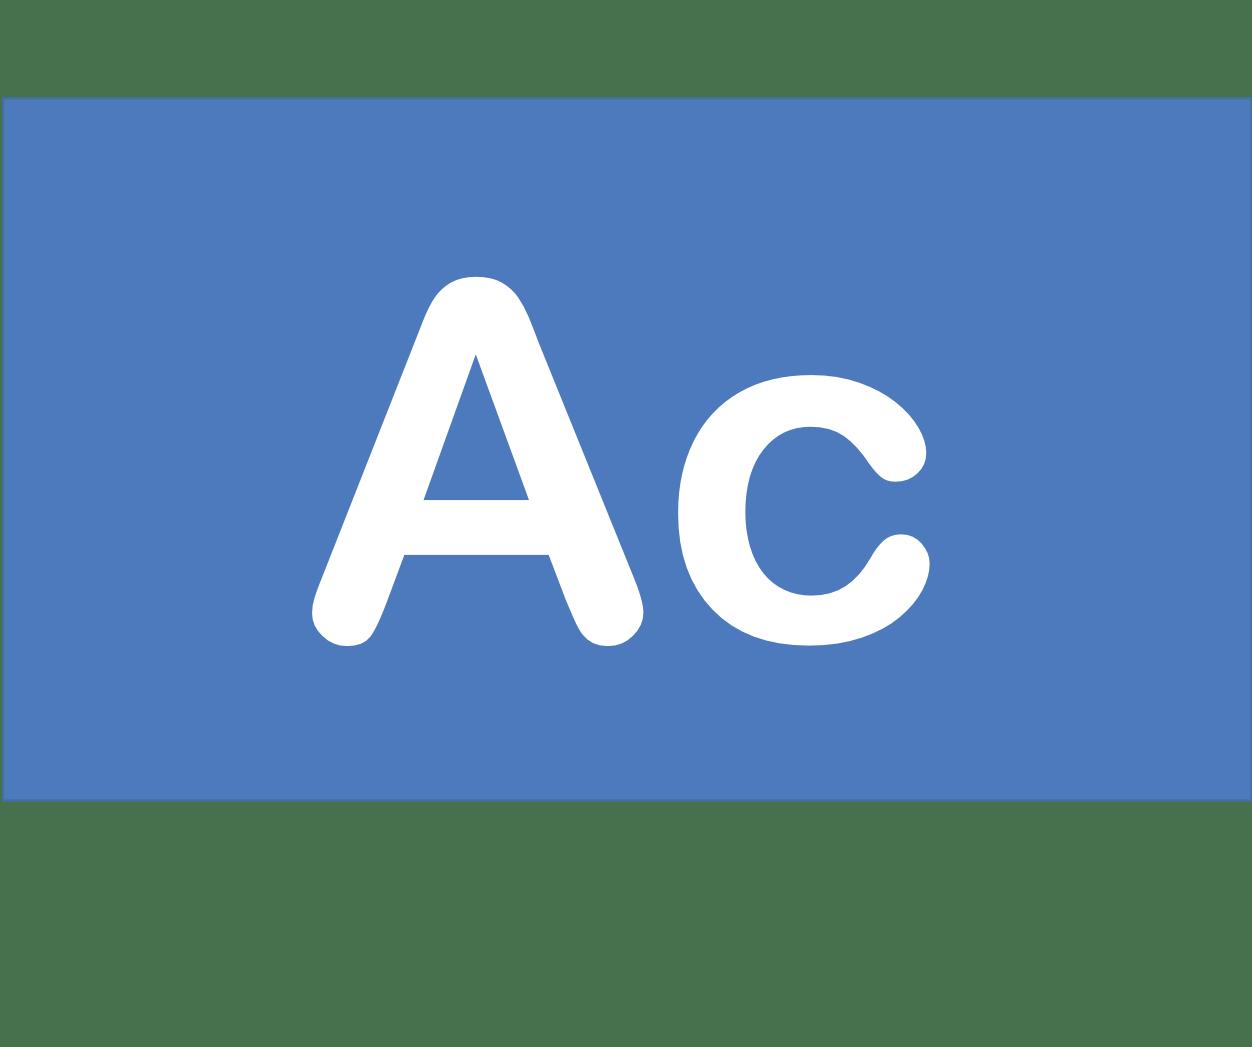 89 Ac アクチニウム Actinium 元素 記号 周期表 化学 原子